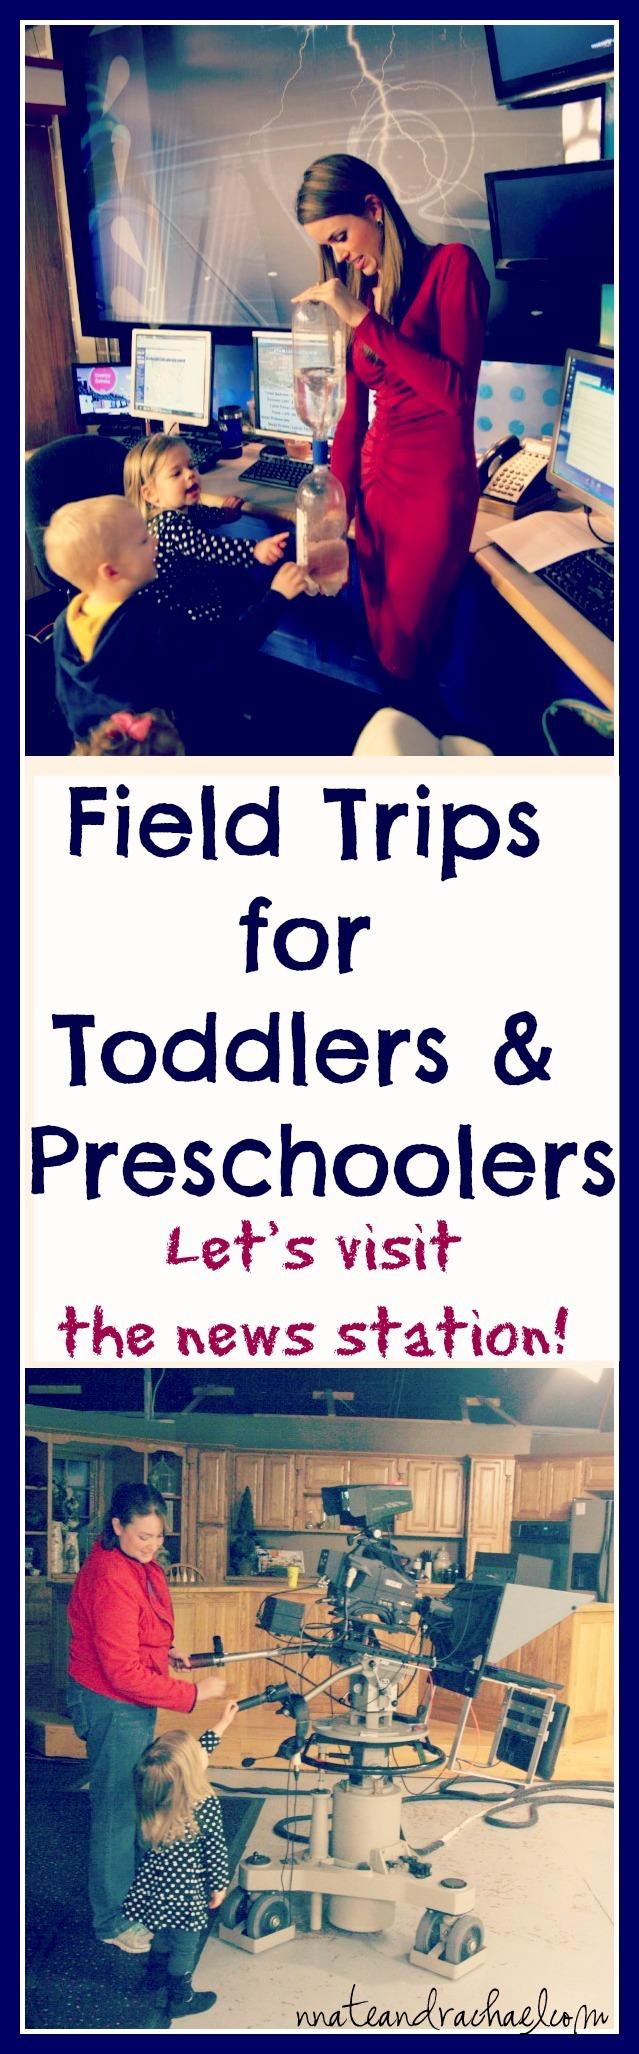 Field trips for preschool news station